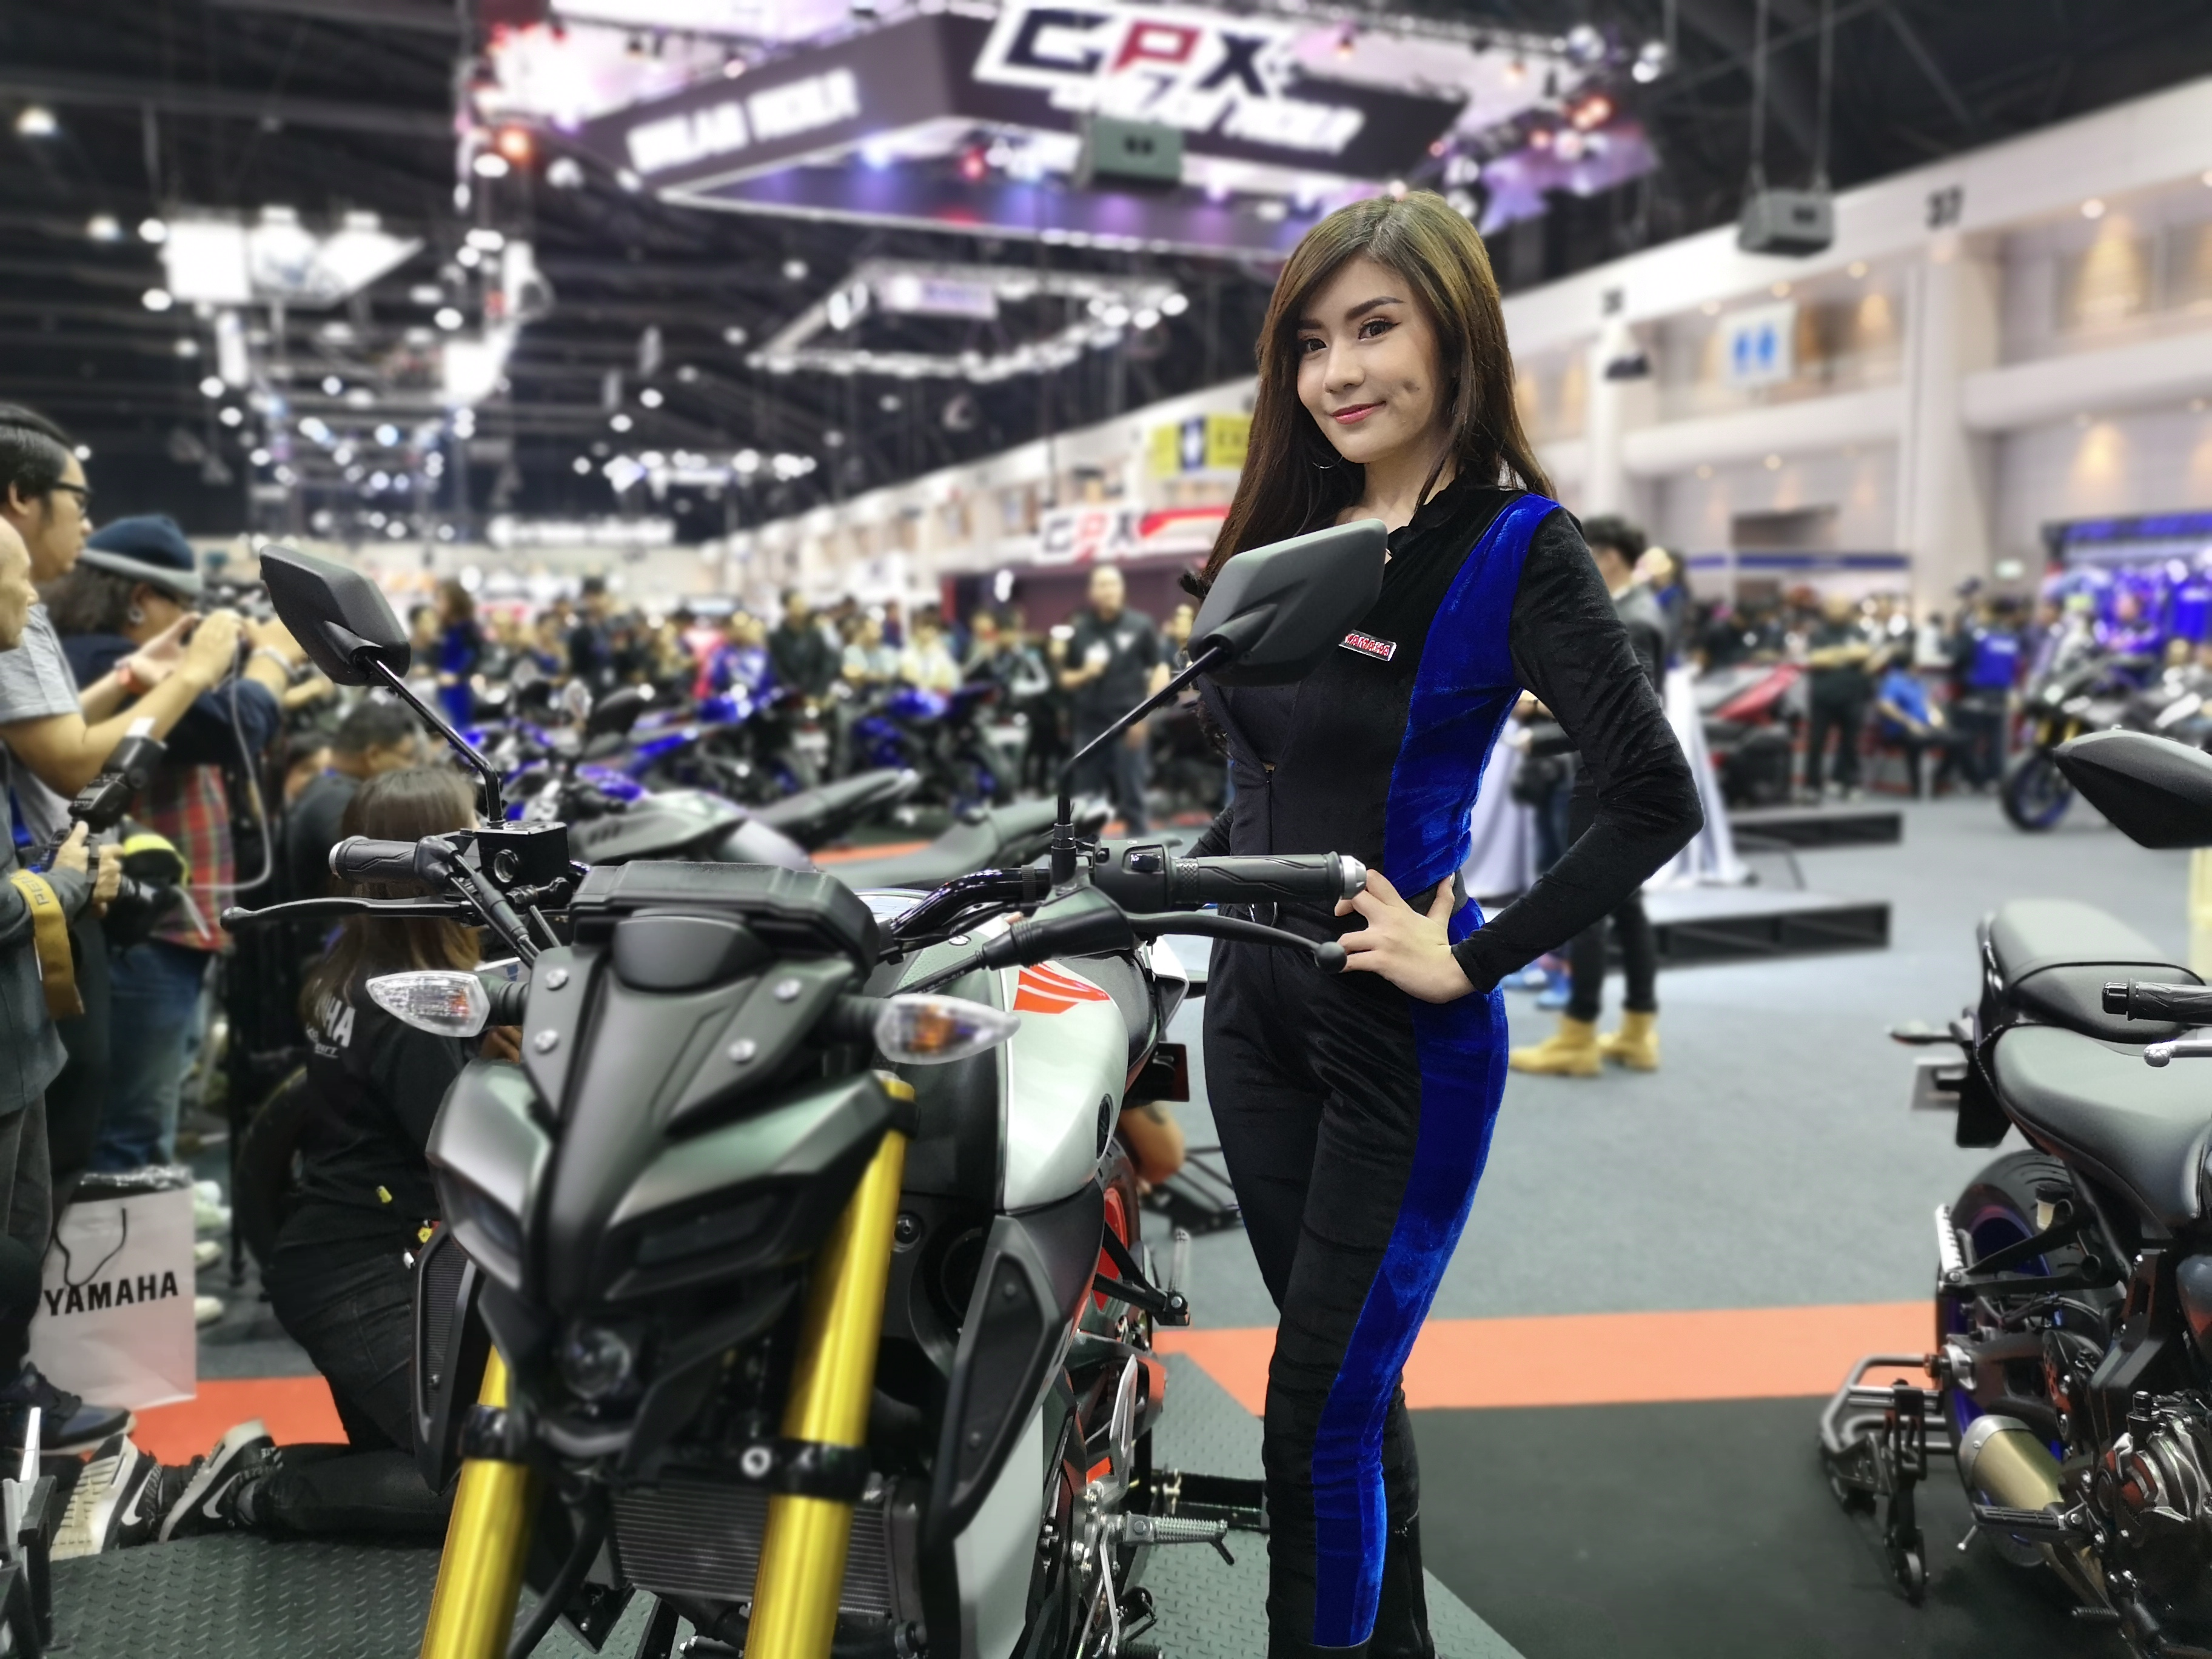 สำหรับบูธของ Yamaha